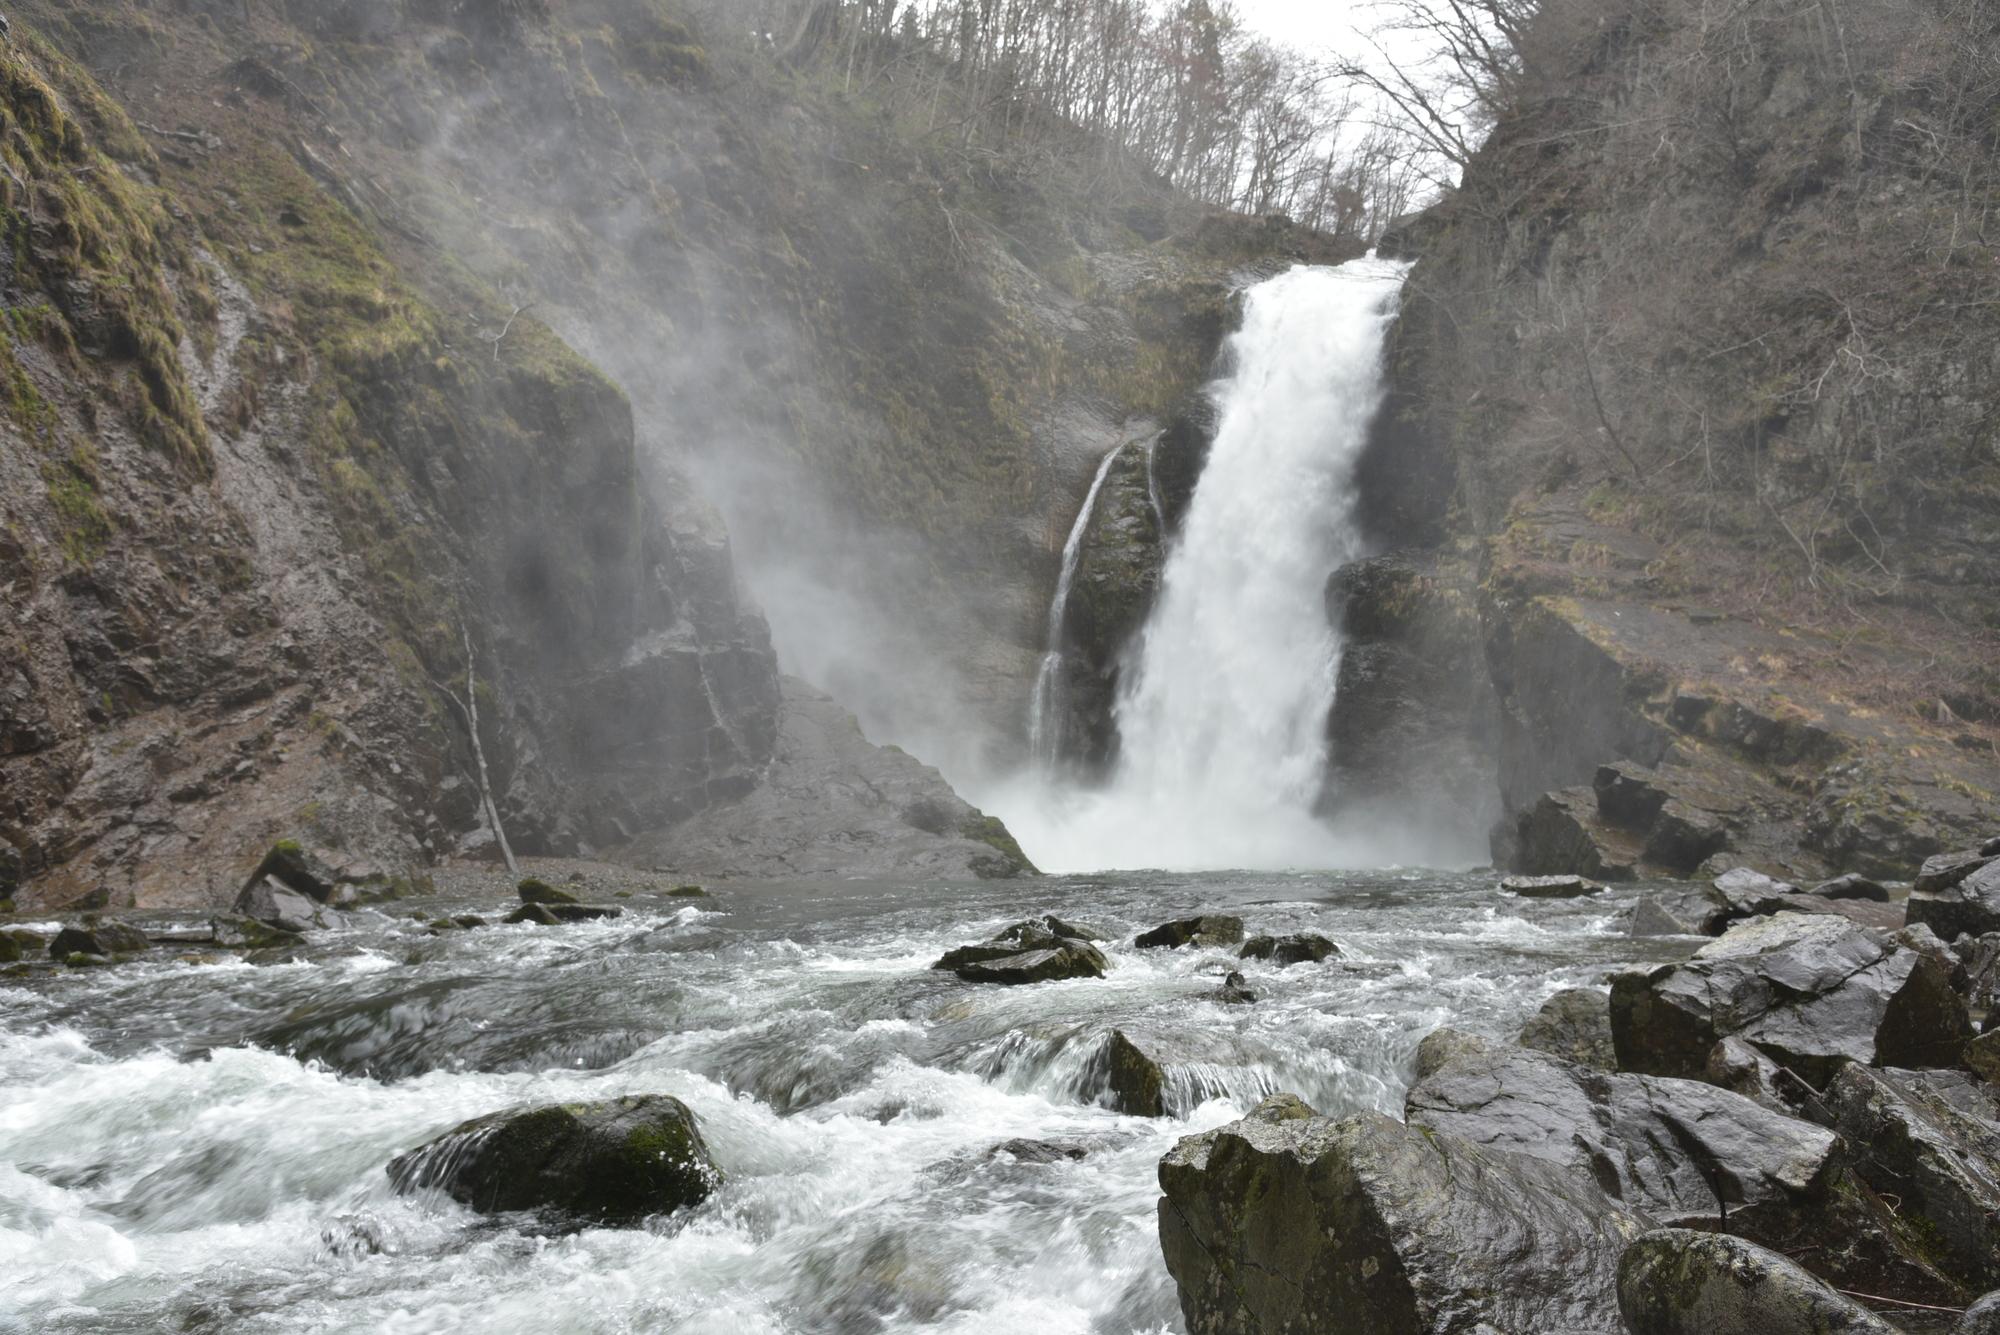 秋保大滝(あきうおおたき)